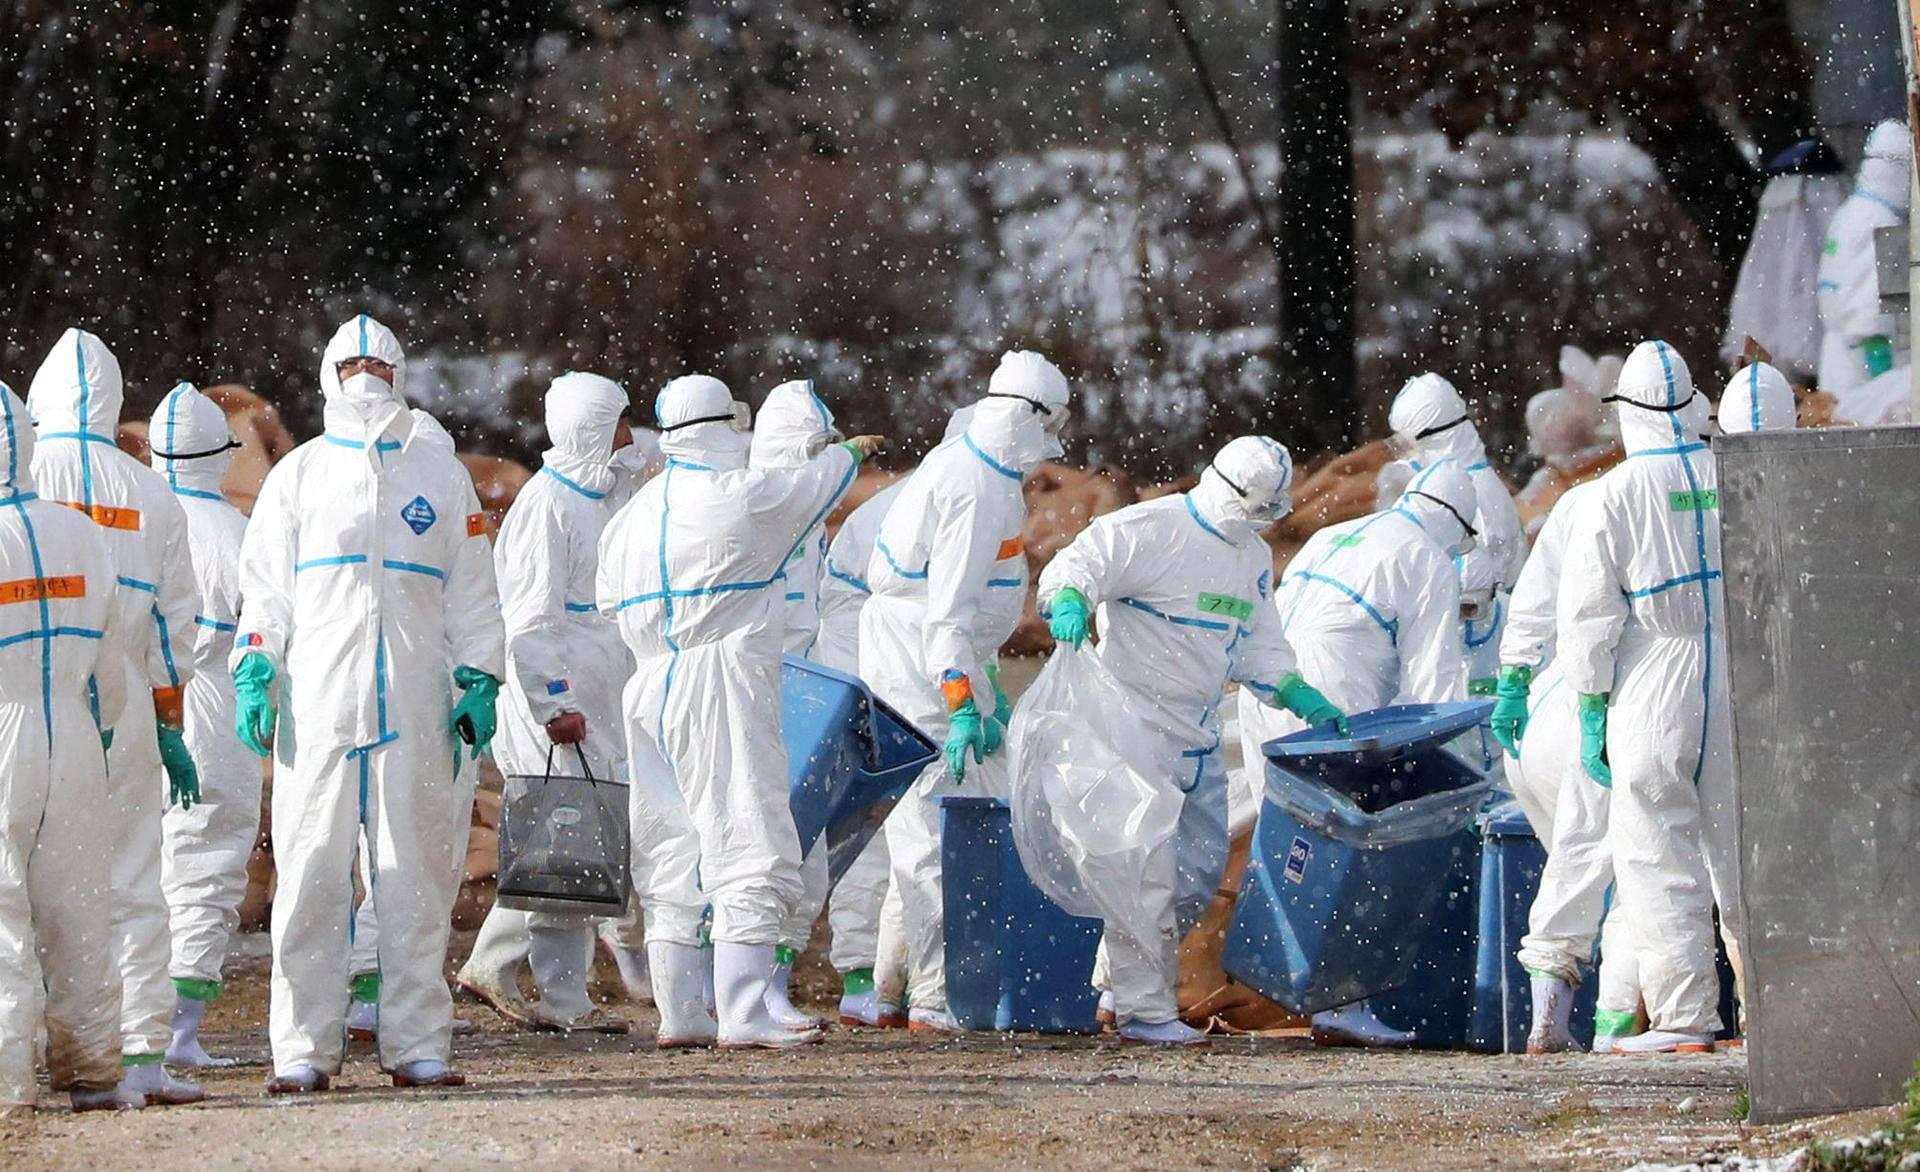 Suoja-asuihin pukeutuneet työntekijät desinfioivat ankkafarmia Aomorissa, Pohjois-Japanissa tiistaina. Farmilta oli löytynyt lintuinfluenssaan sairastuneita ankkoja.